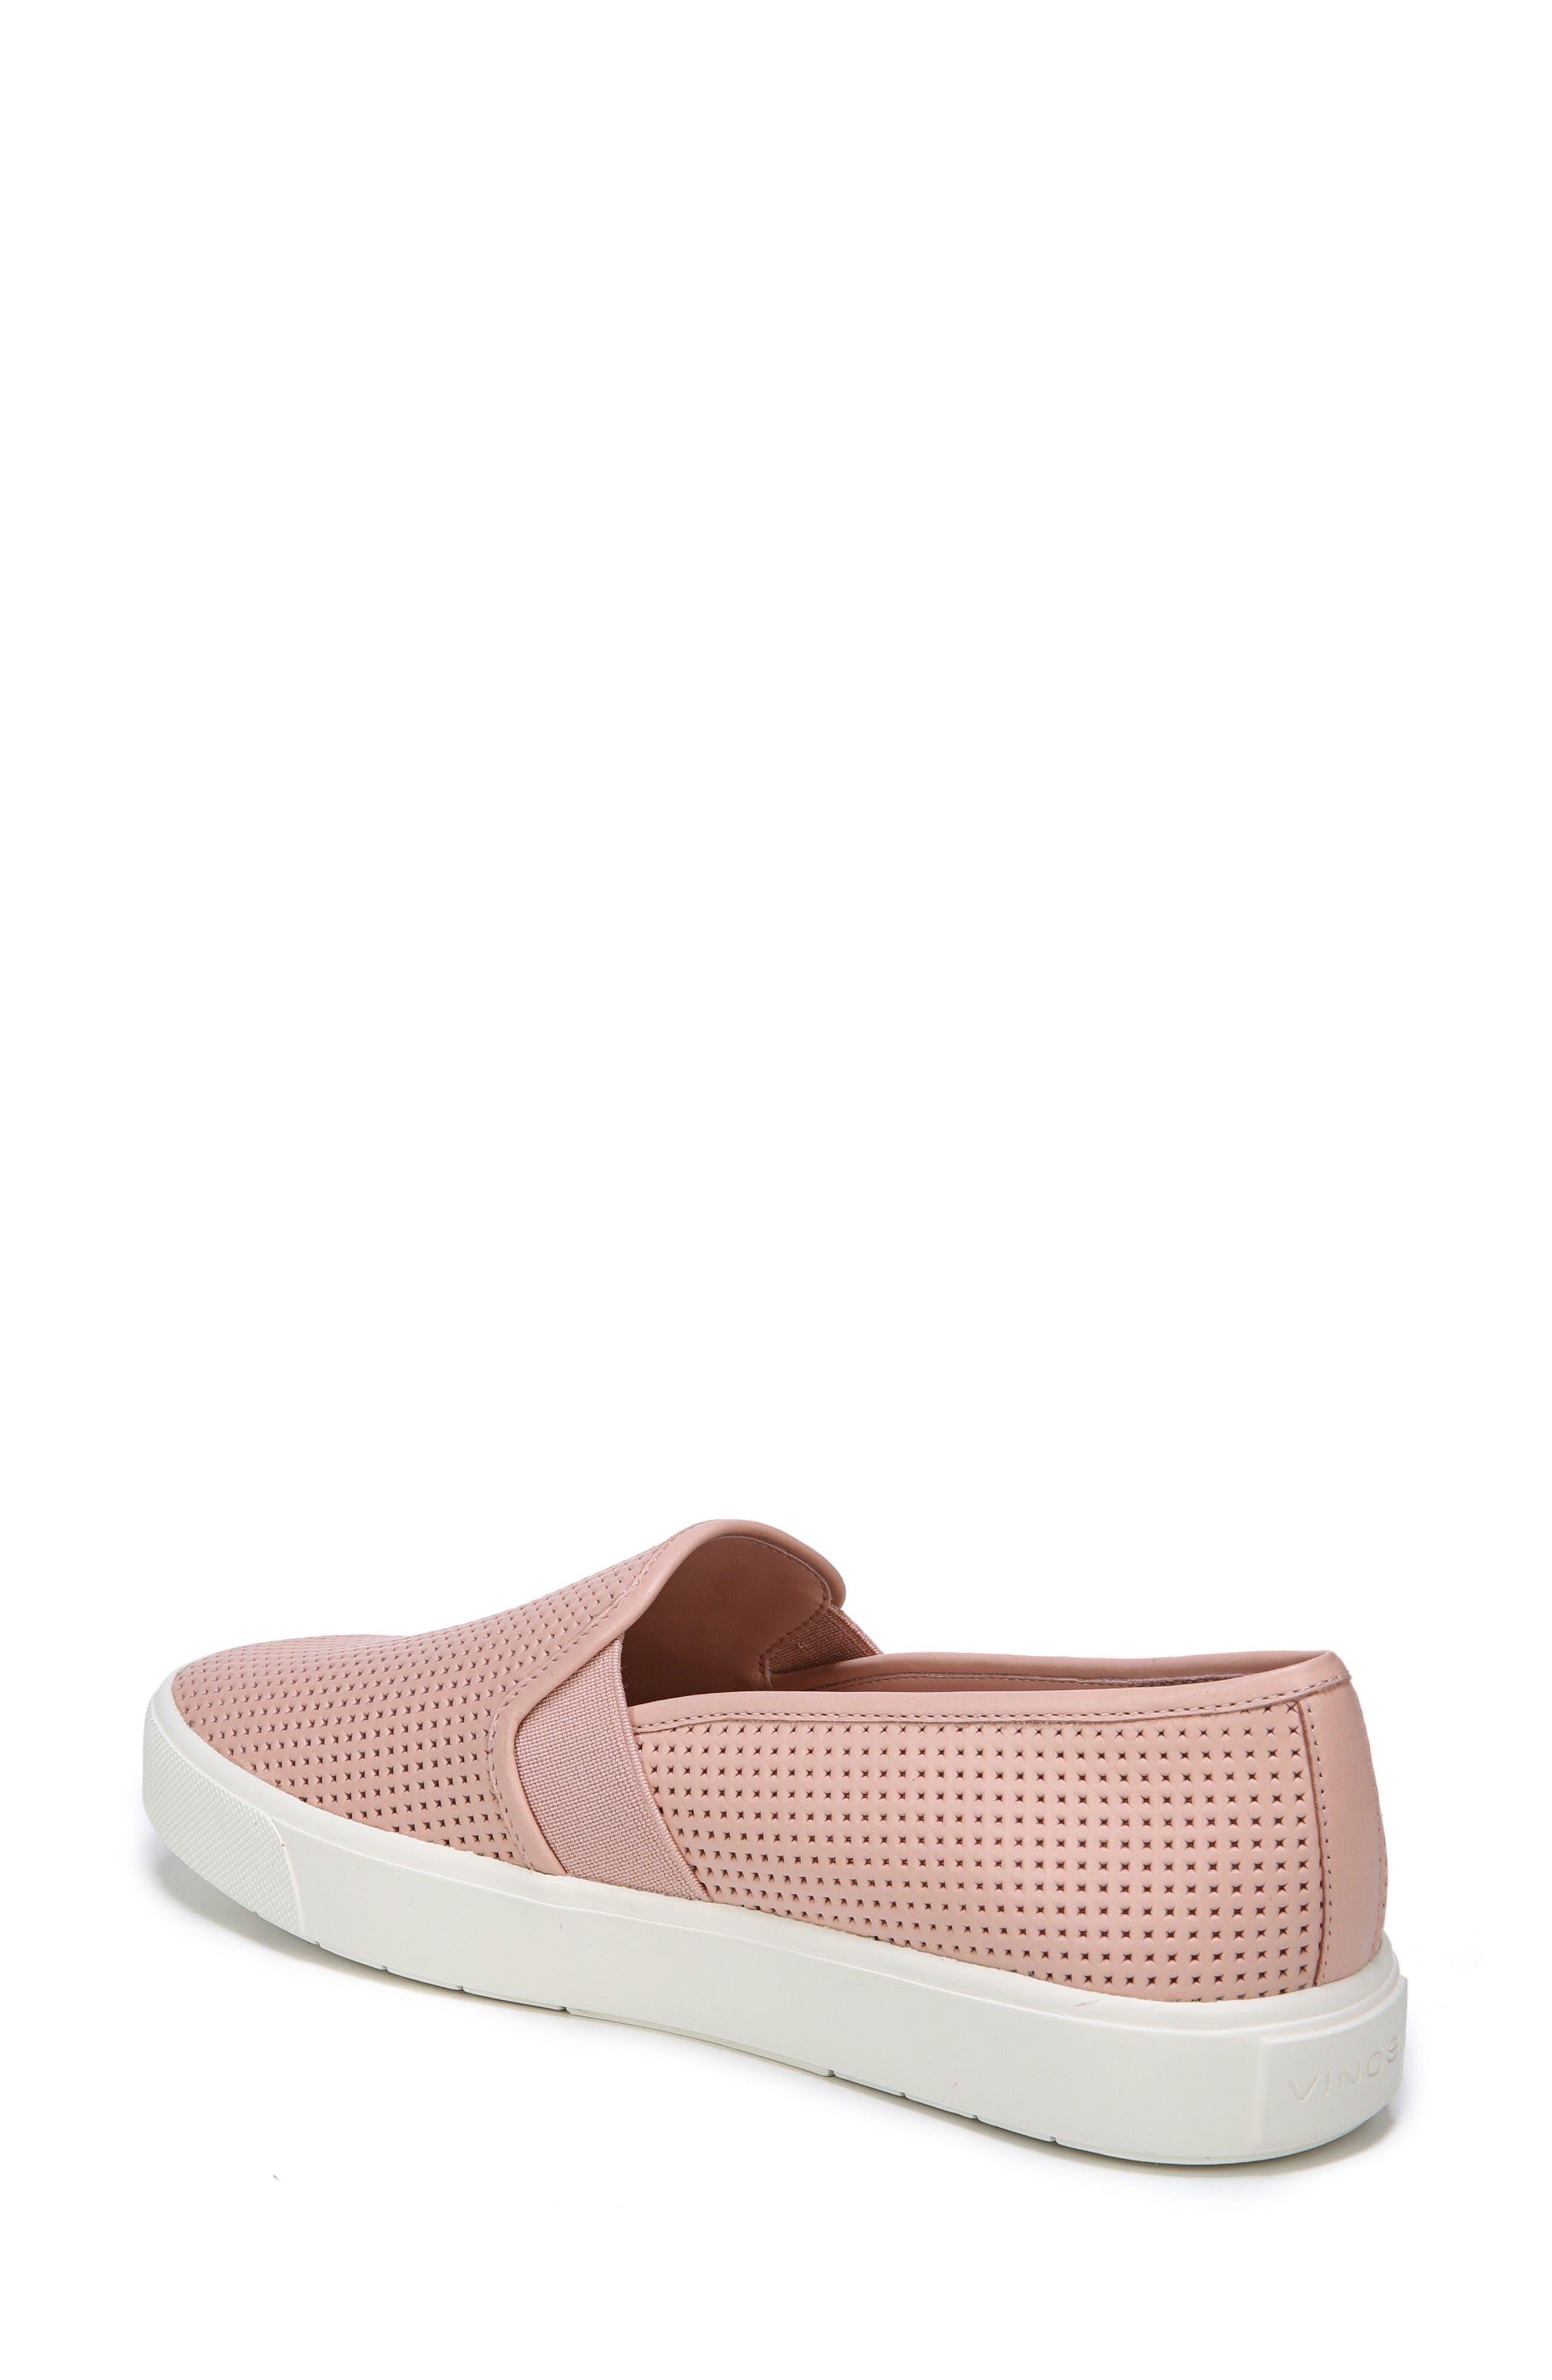 Blair 5 Slip-On Sneaker,                             Alternate thumbnail 2, color,                             ROSE